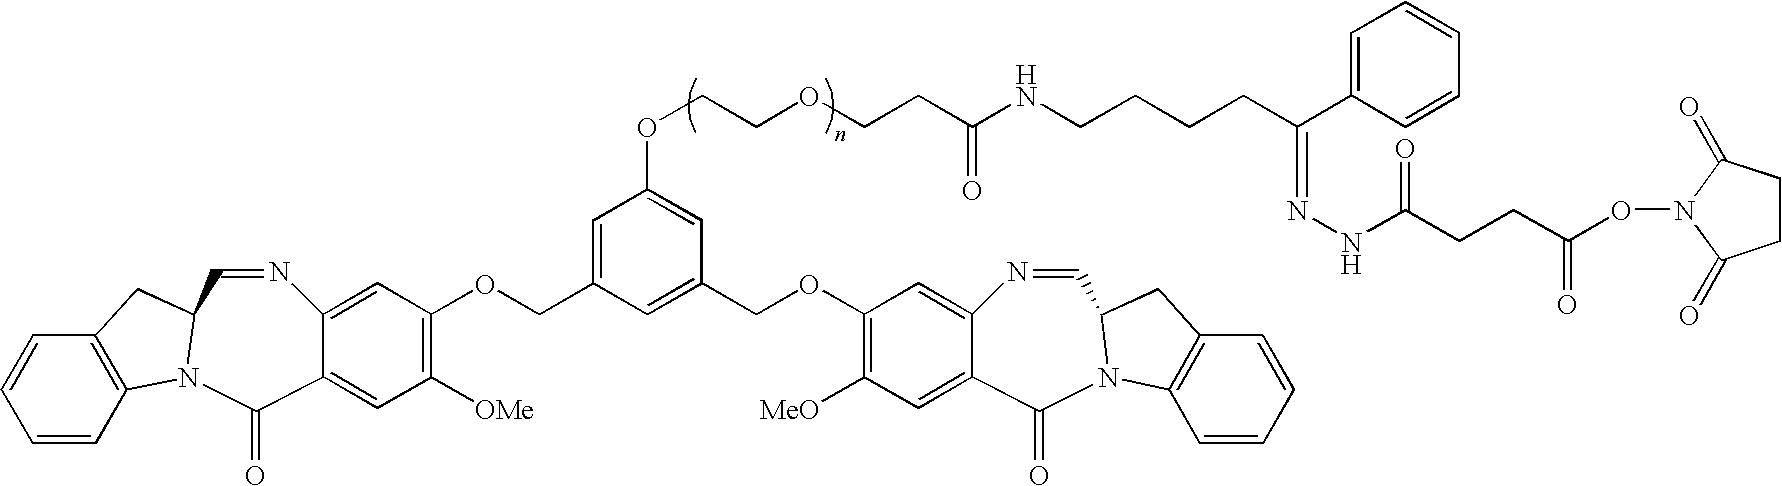 Figure US08426402-20130423-C00063